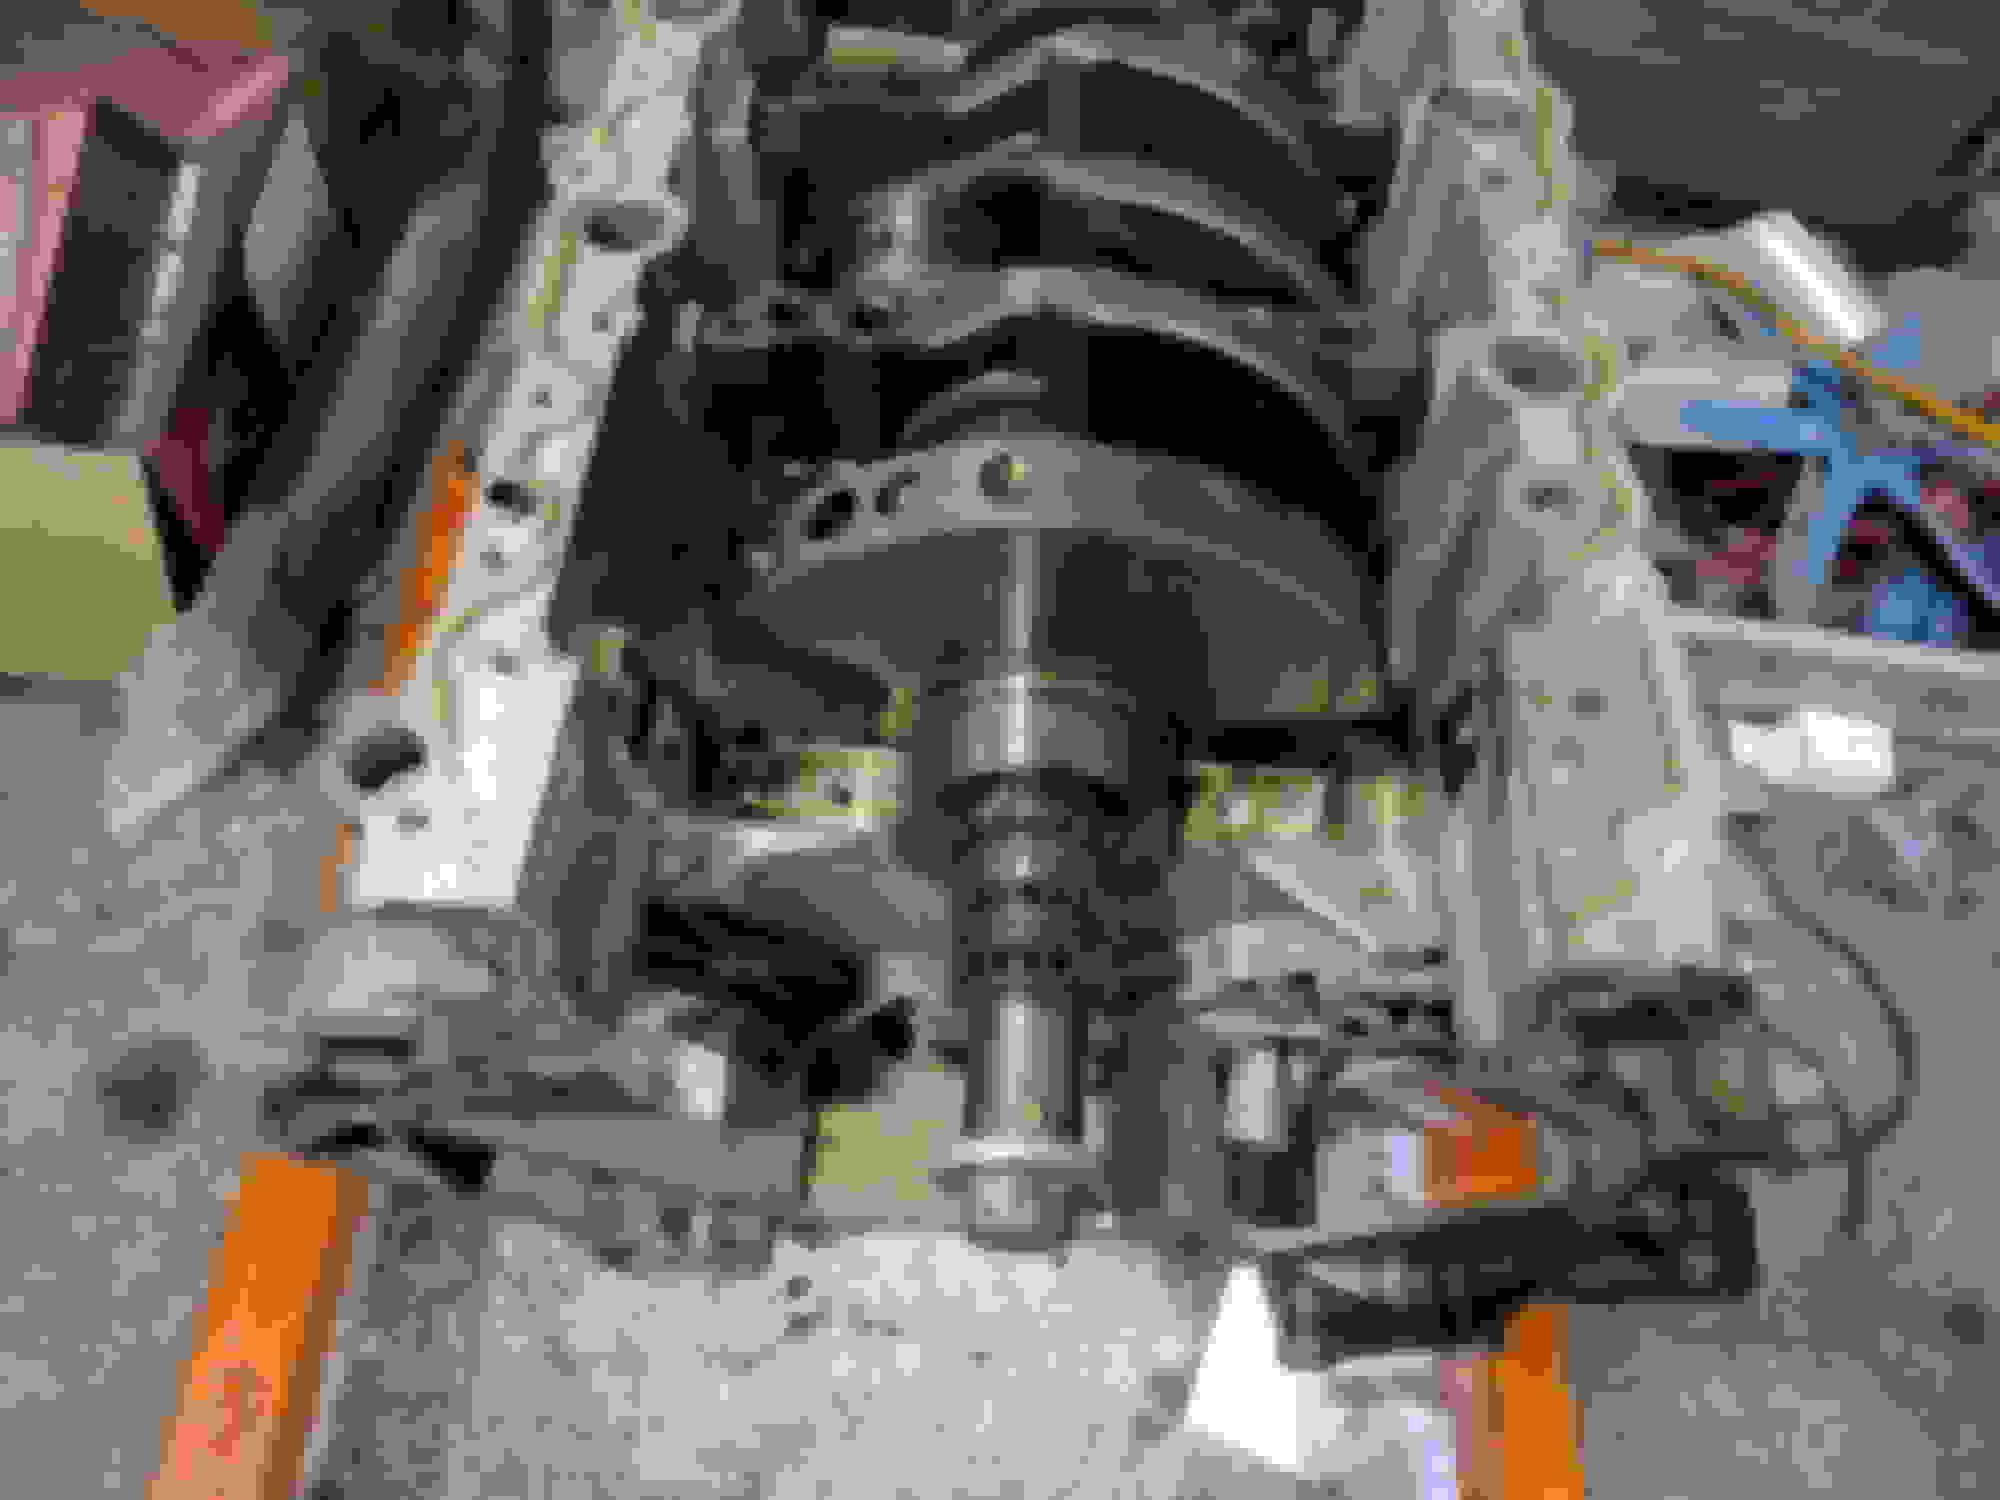 5 0 S/C Engine Rebuild - Page 2 - Jaguar Forums - Jaguar